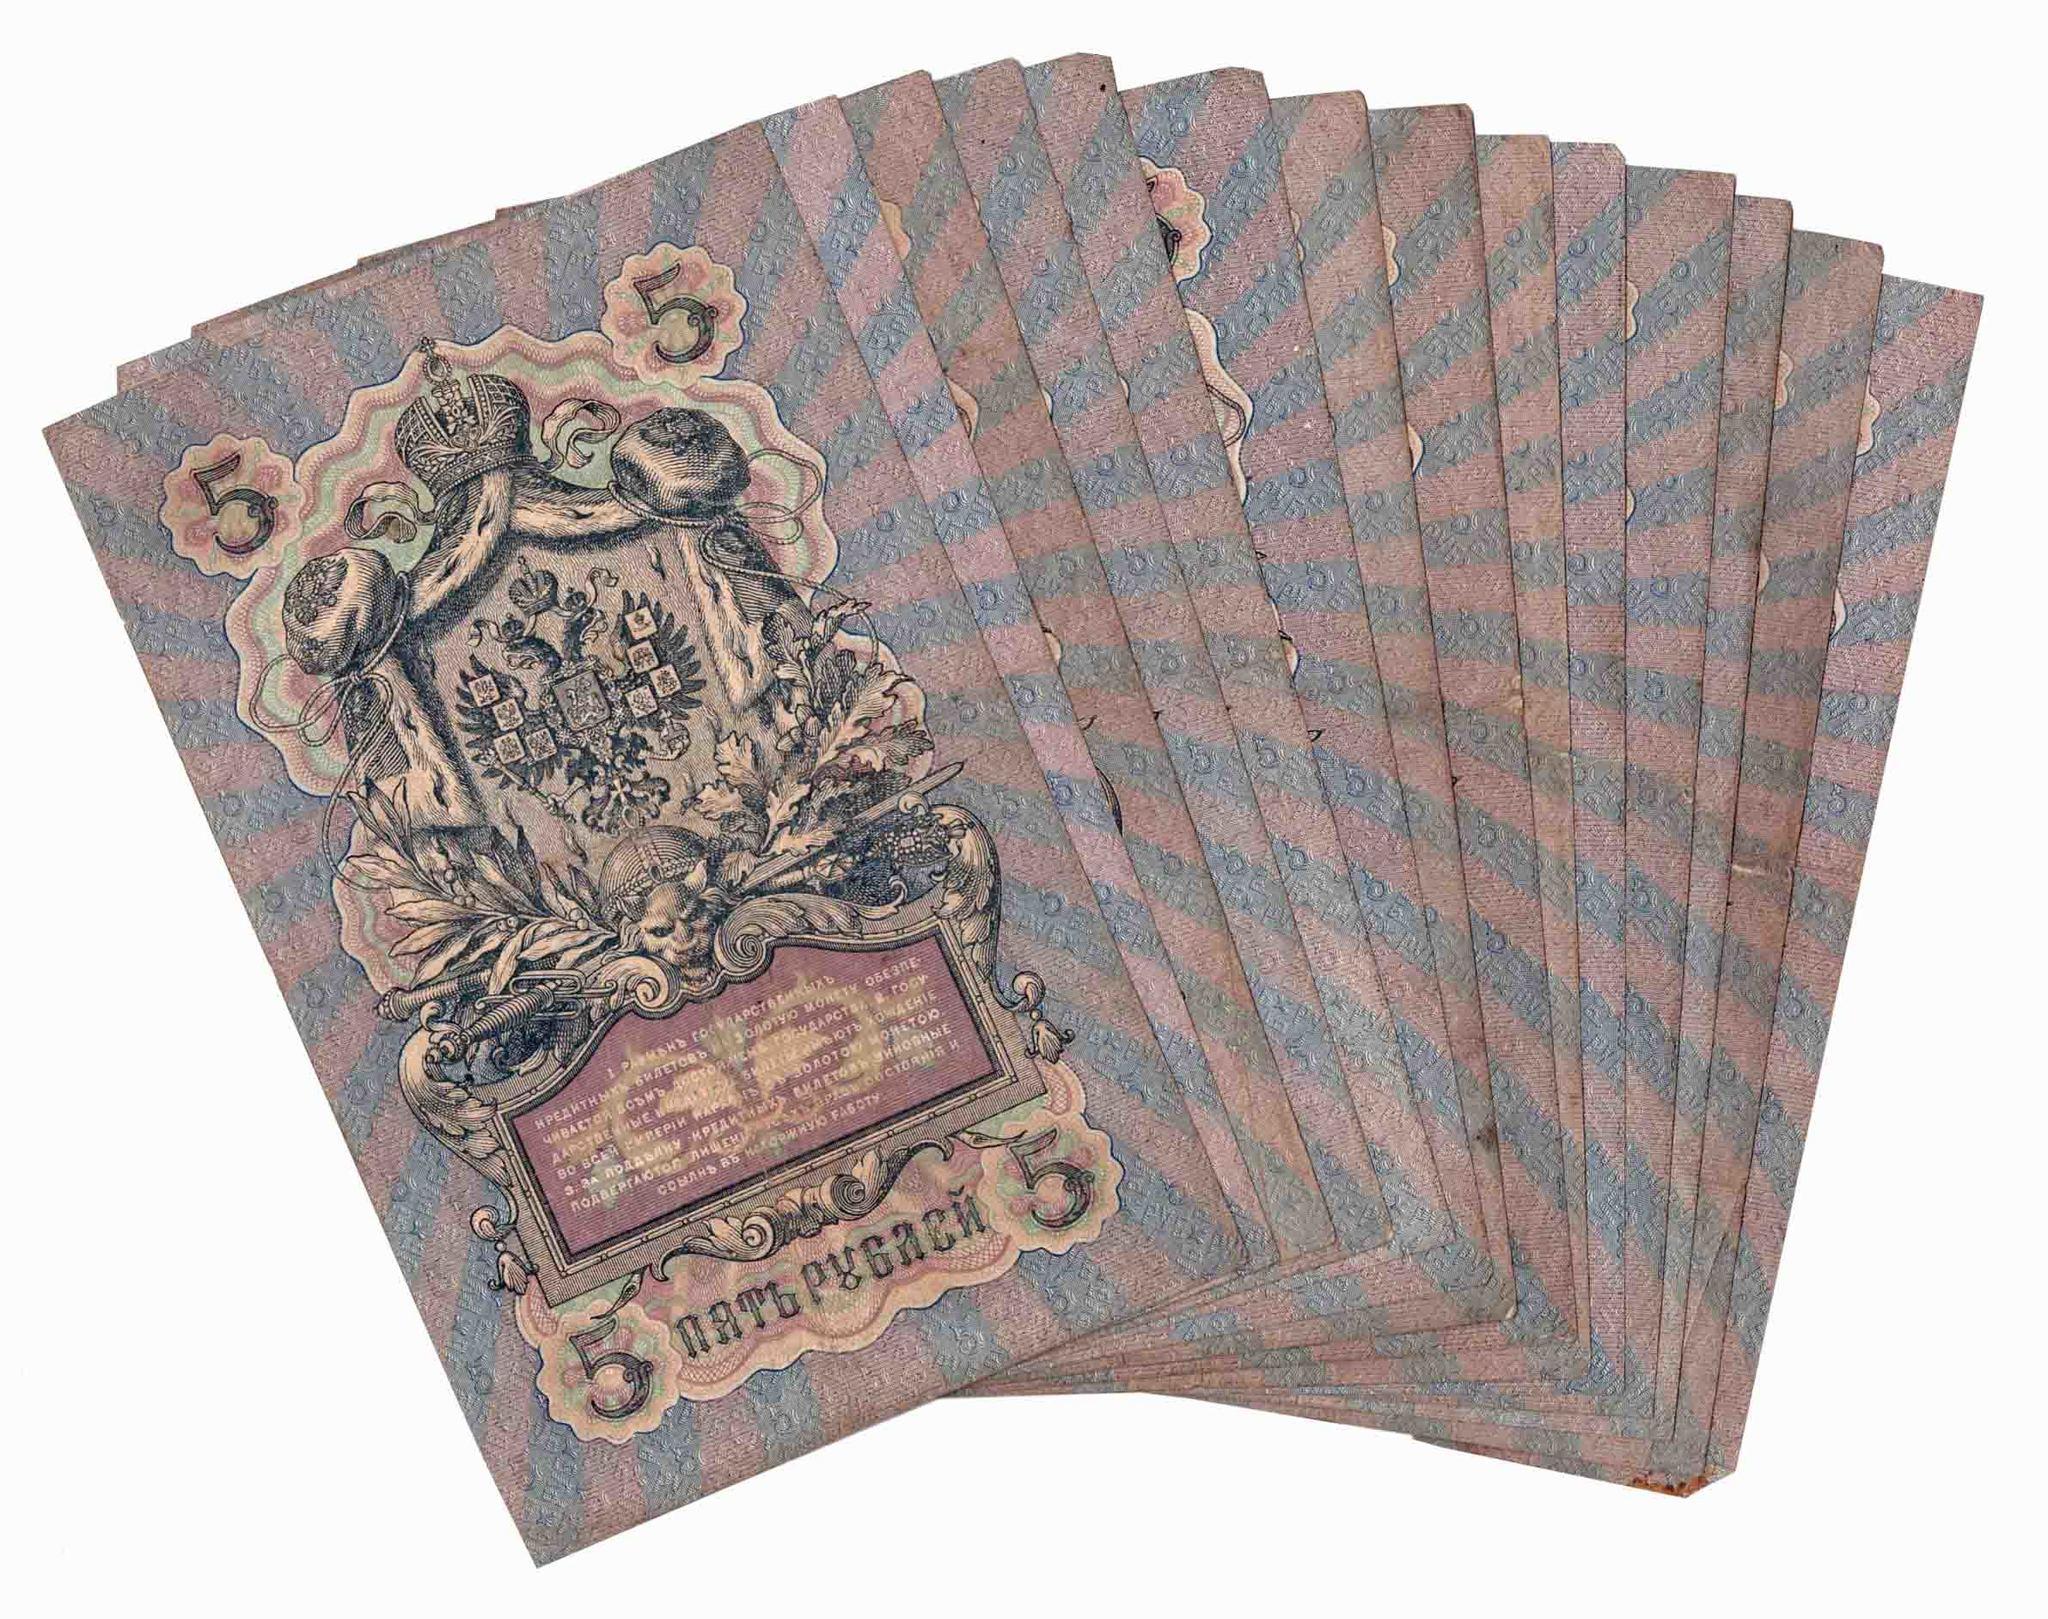 Набор из 14 кредитный билетов 5 рублей 1909 года. Управляющий Коншин. Набор кассиров.